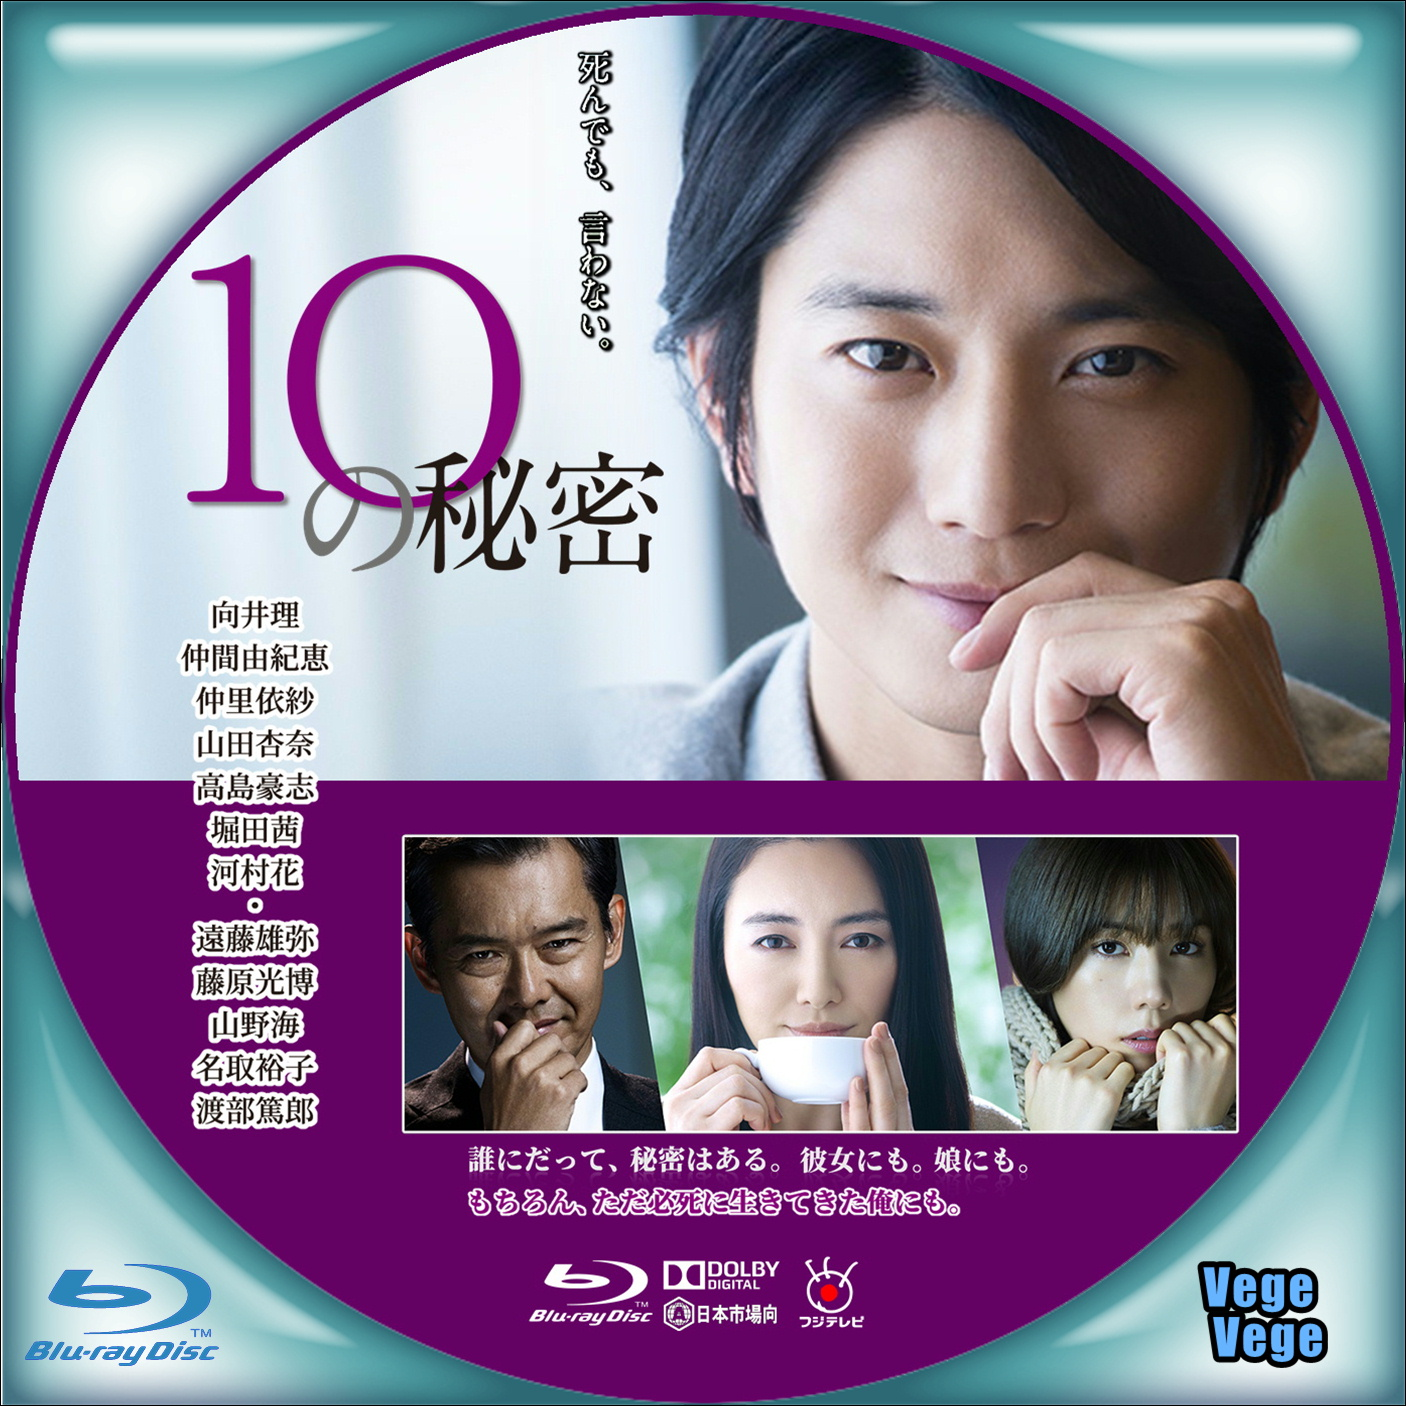 秘密 10 の 【完全無料】「10の秘密(ひみ10)」を全動画無料でフル視聴する方法|1話から最終話まで